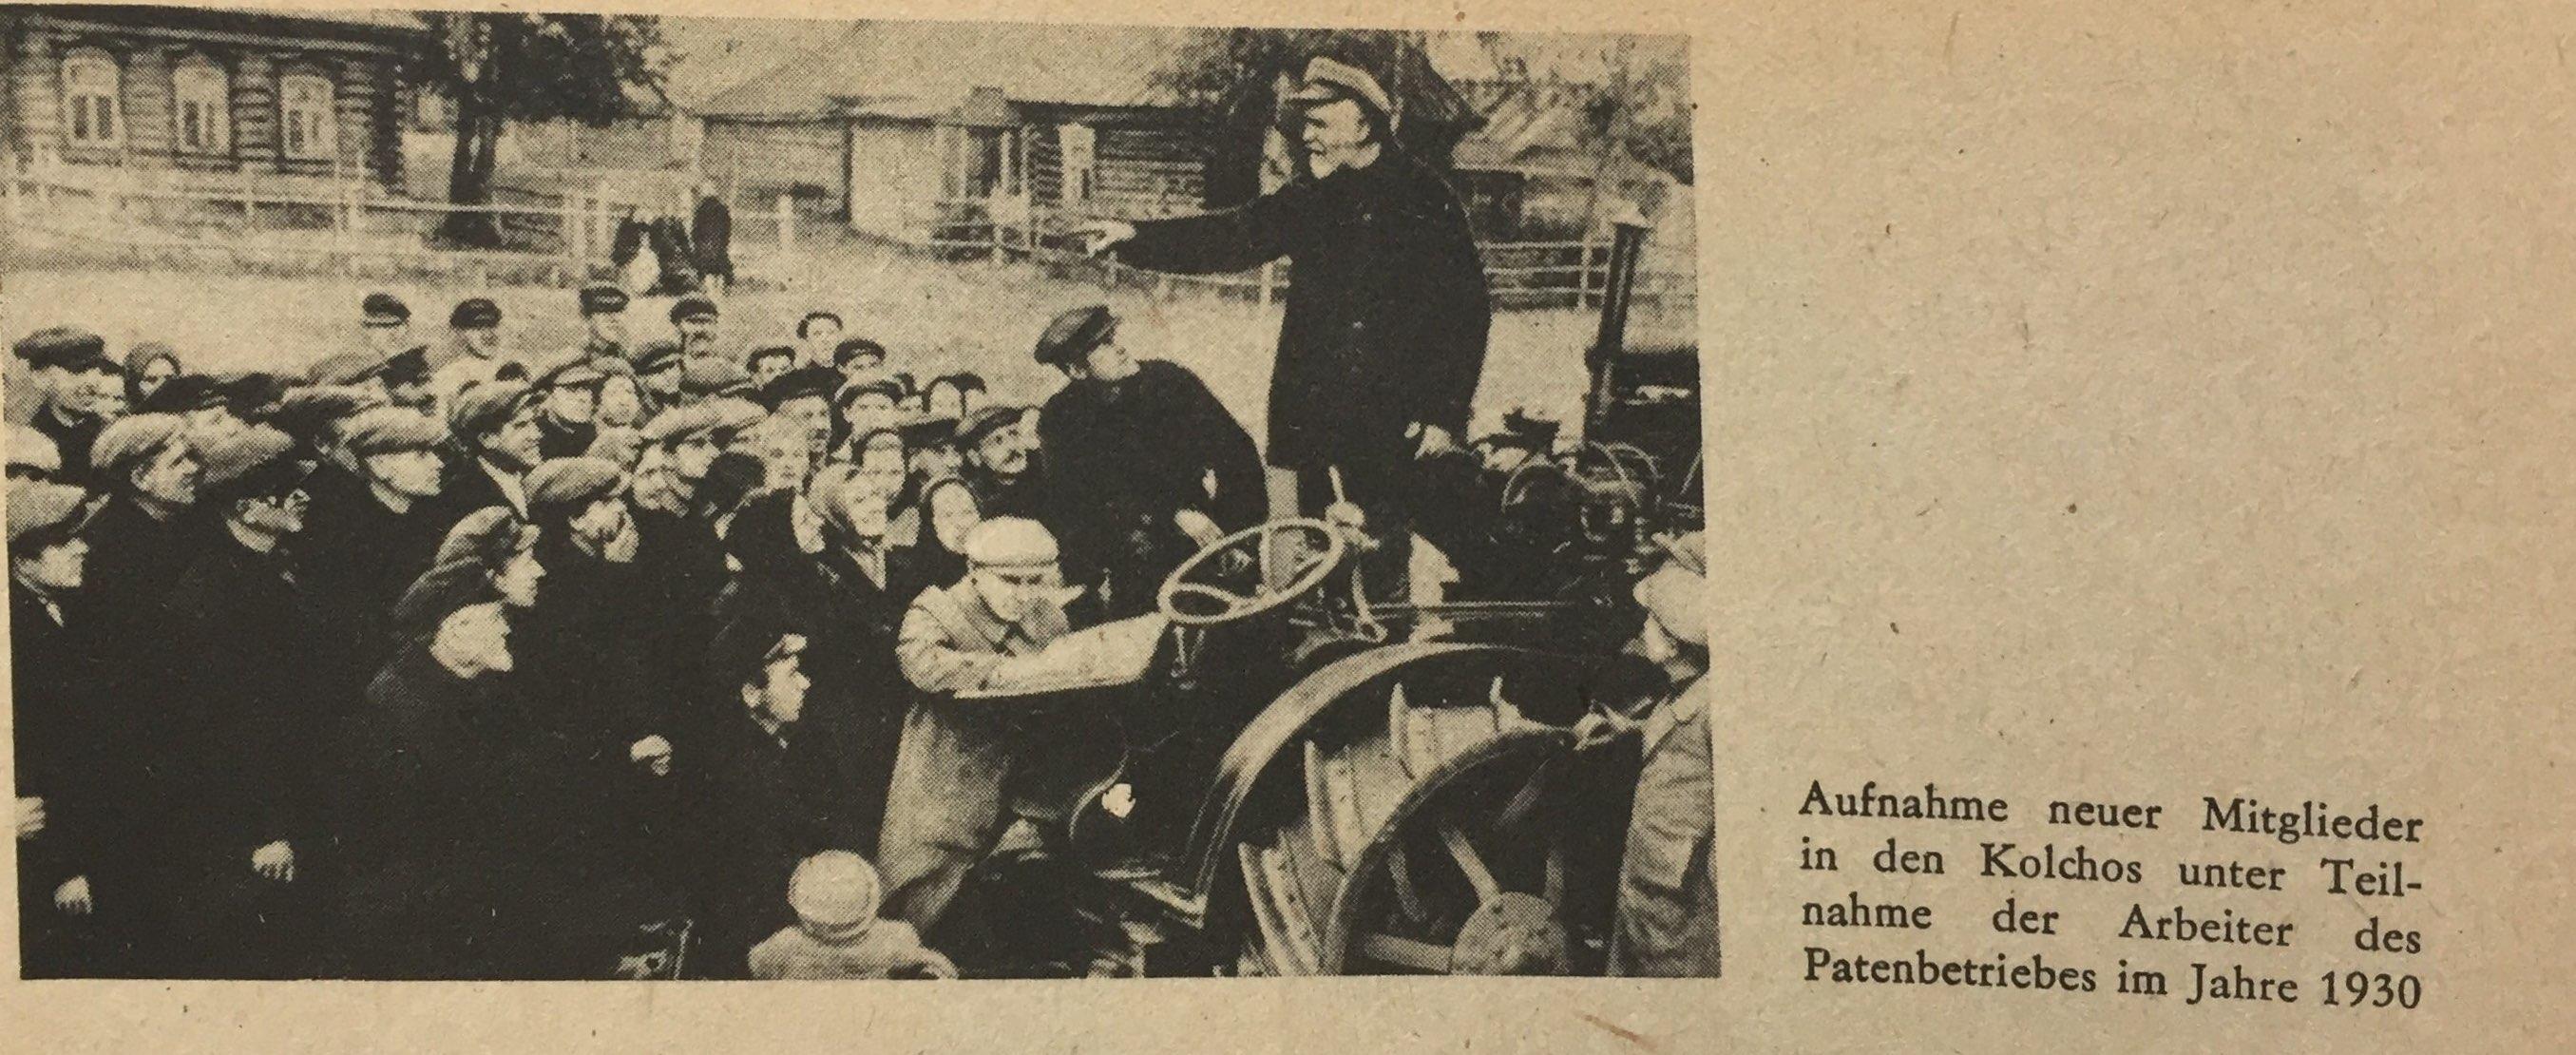 Aufnahme neuer Mitglieder in Kolchos 1930